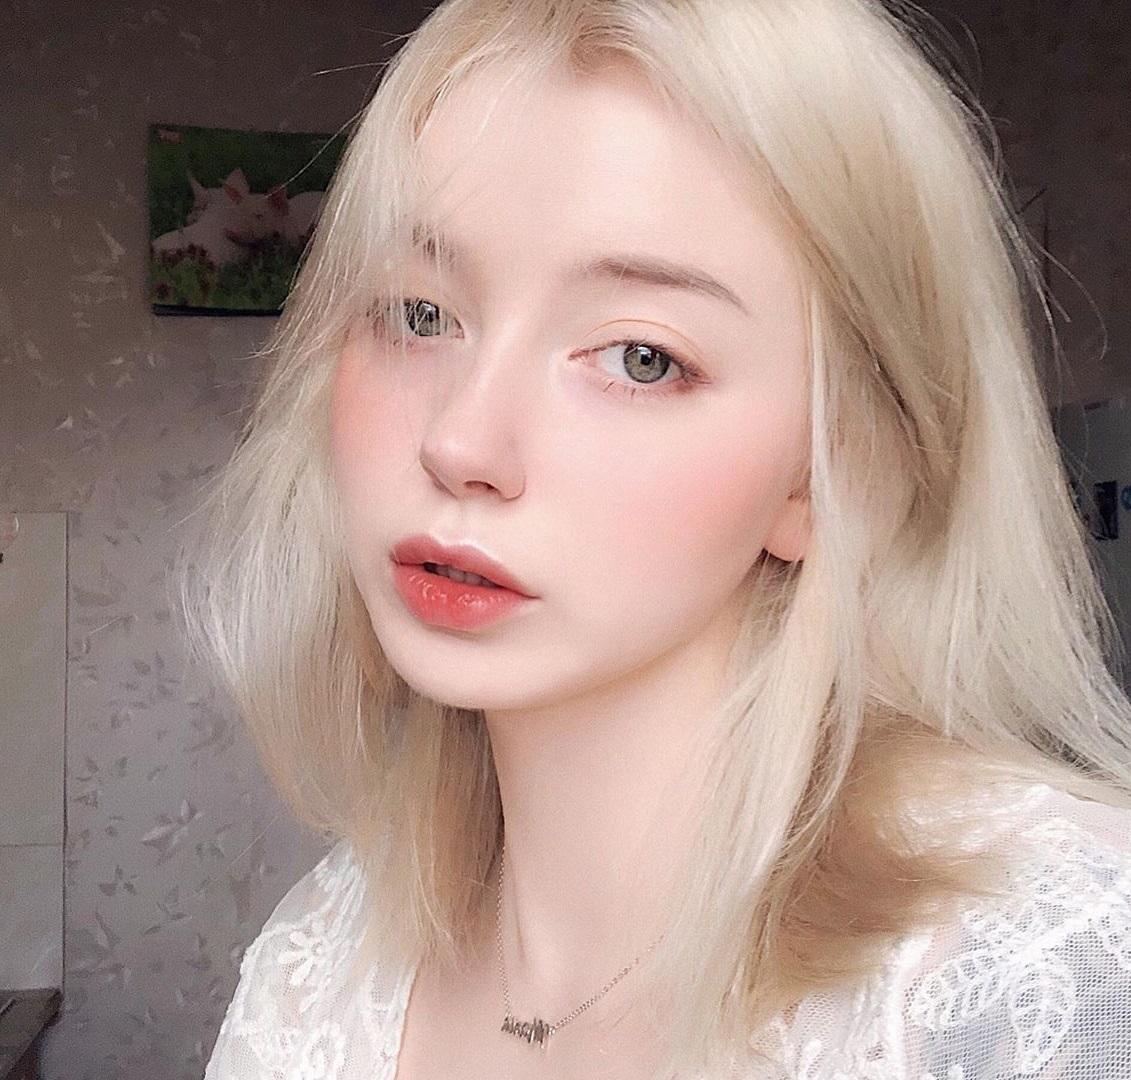 2 người đẹp Nga da trắng như tuyết, môi hồng tầm xuân gây mê nam giới bởi vẻ cổ tích - 7